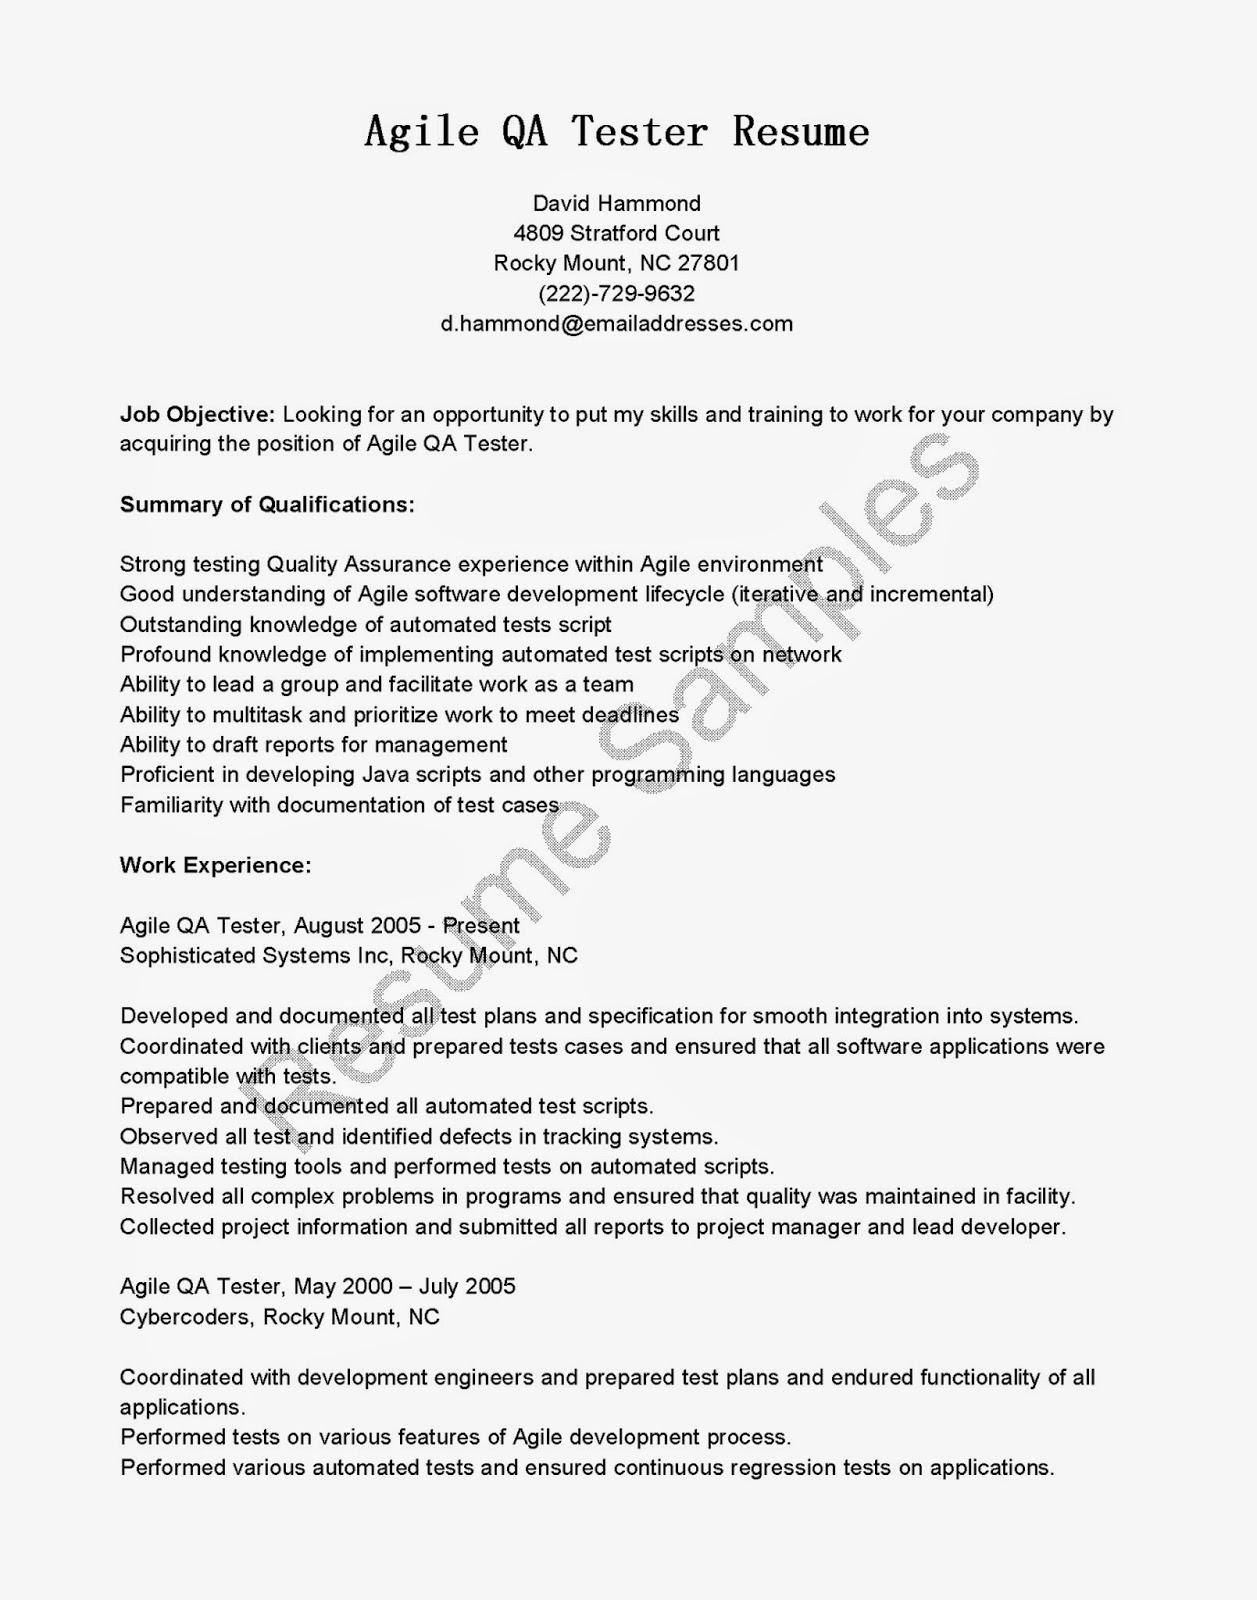 Resume Sample For Qa Tester